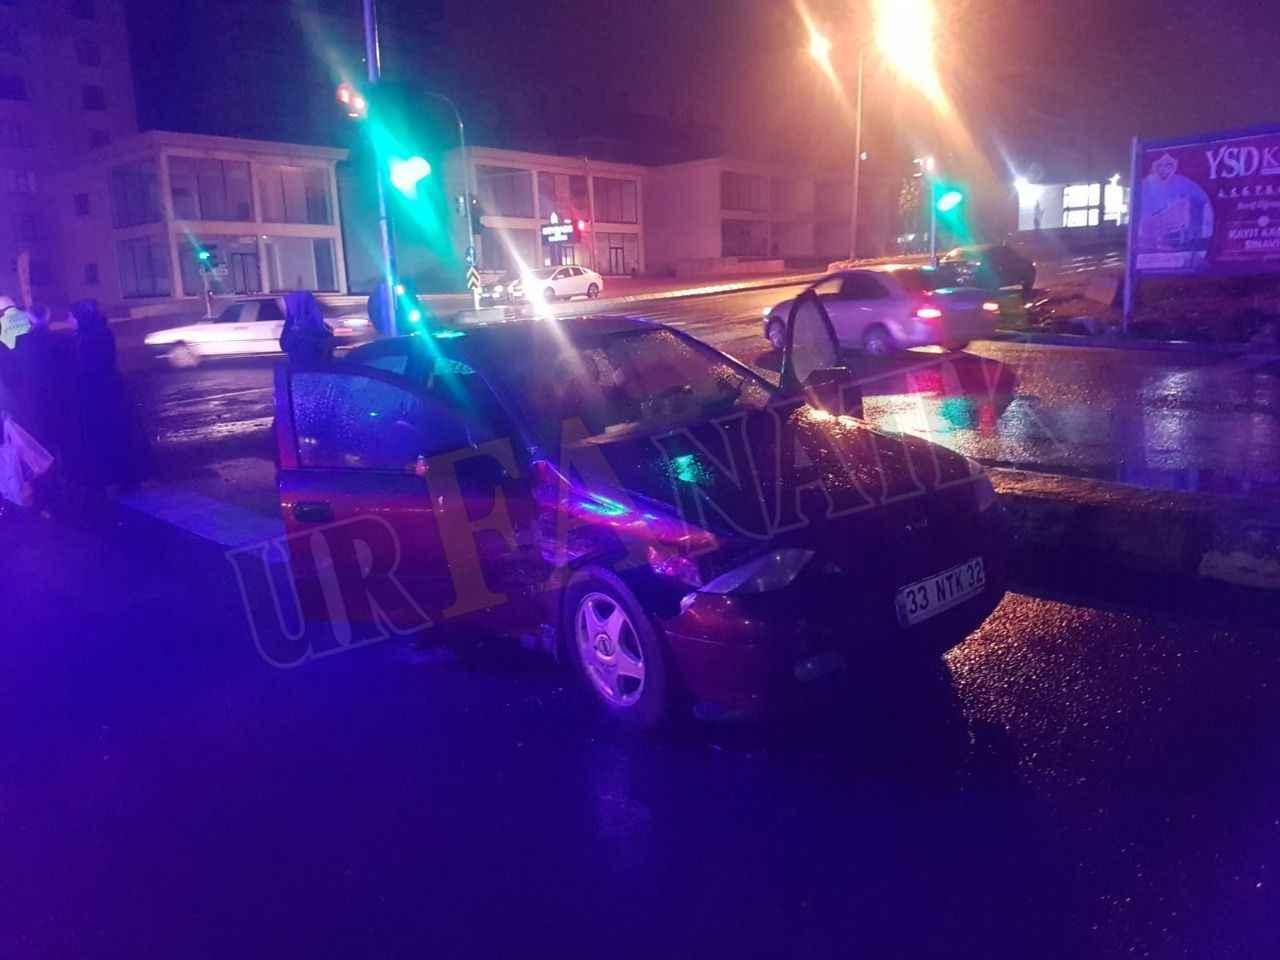 Maşuk'ta Kırmızı ışıkta geçen otomobil kaza yaptı: 5 yaralı